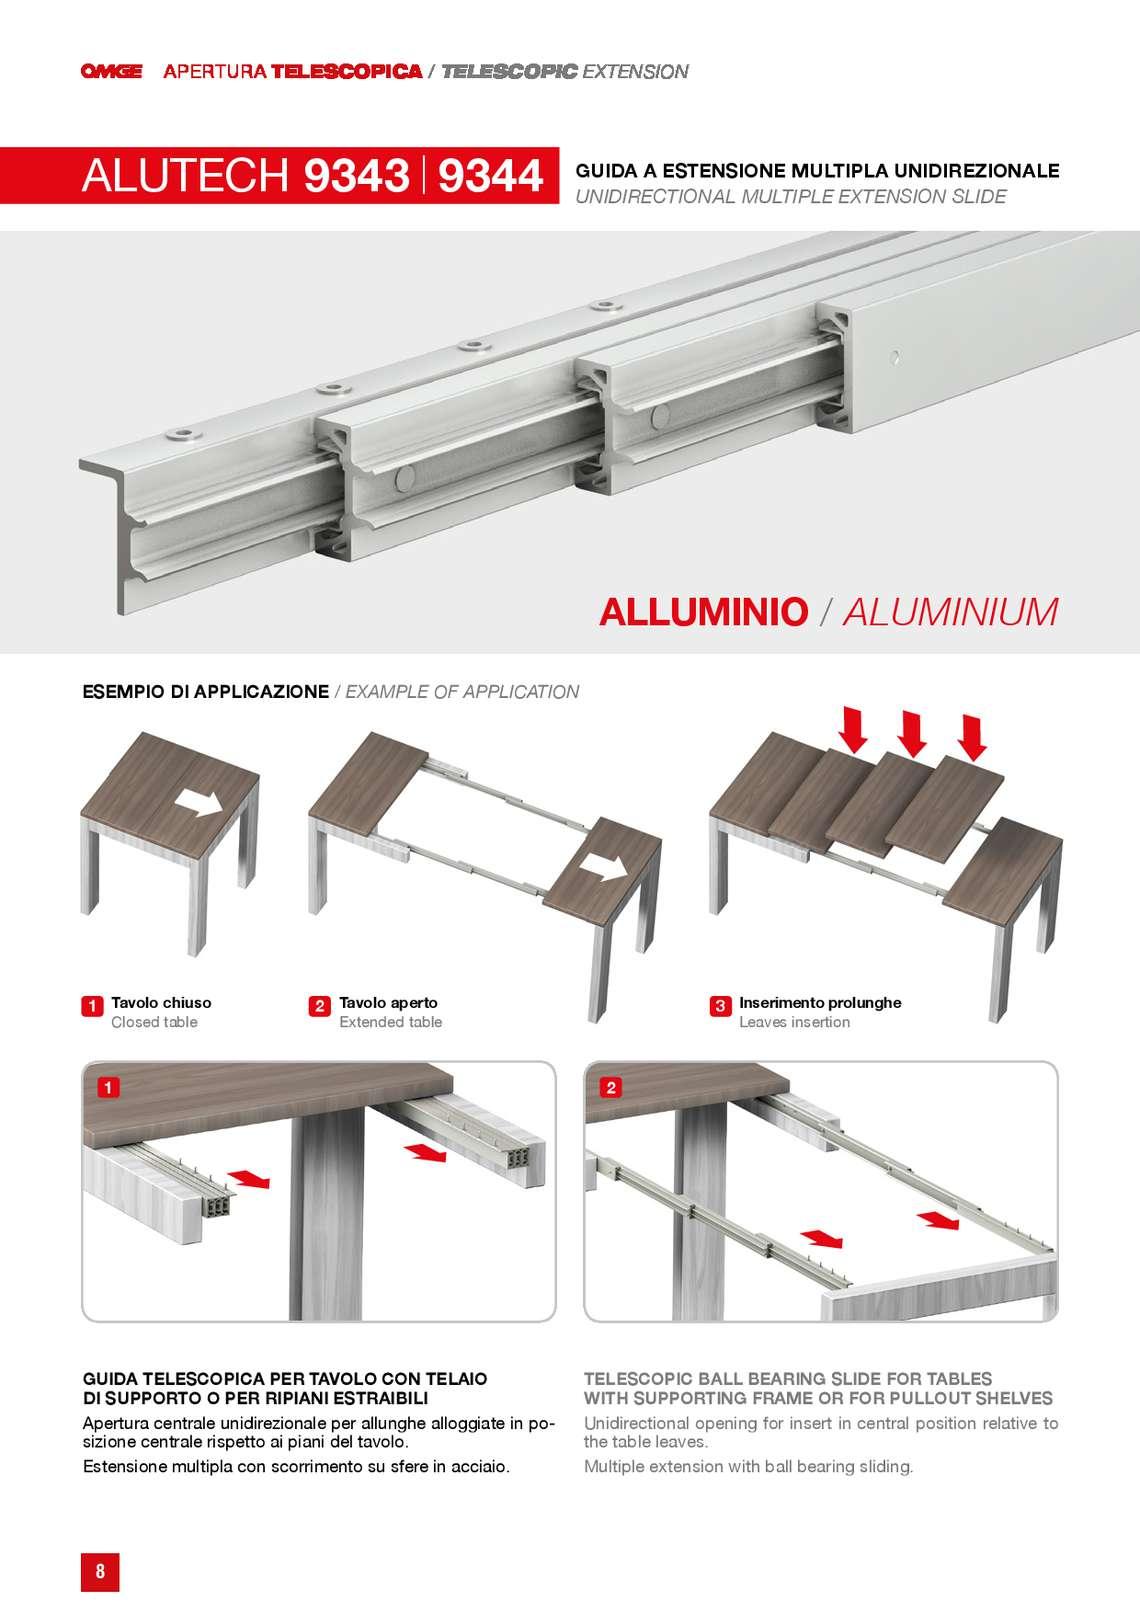 guide-per-allungamento-tavoli_163_007.jpg